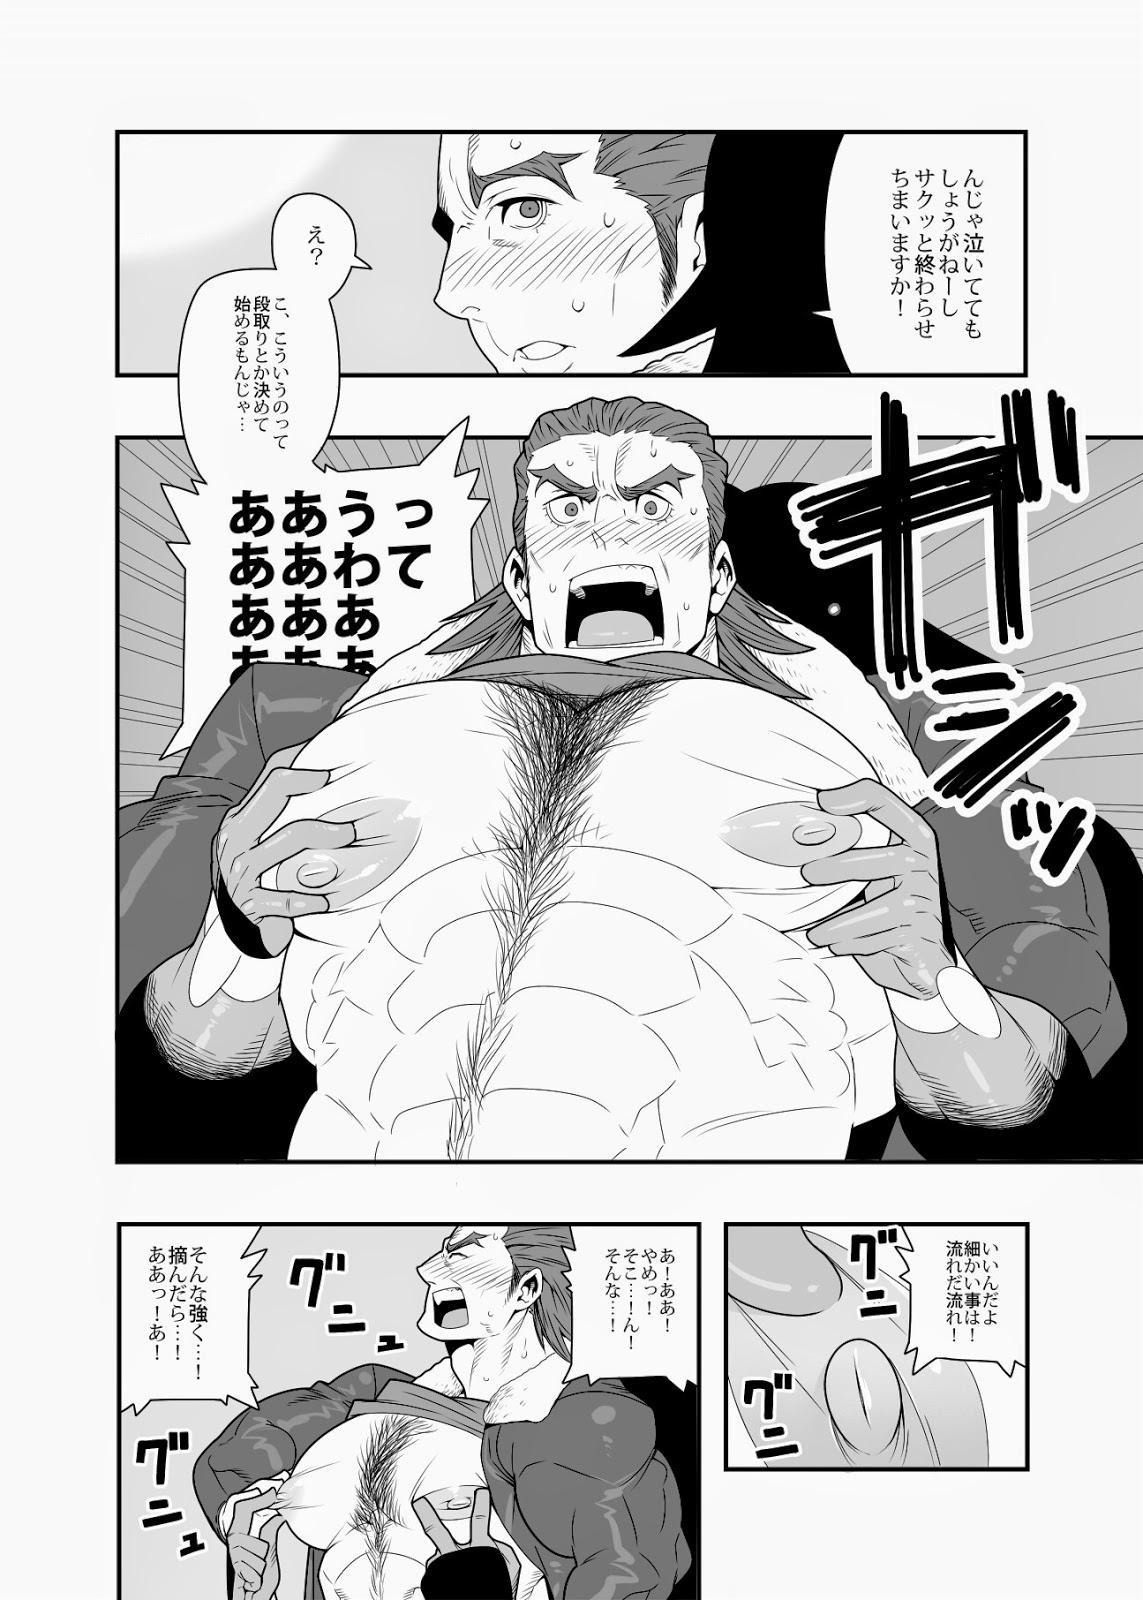 Gyuu-san no ichibanshibori 5